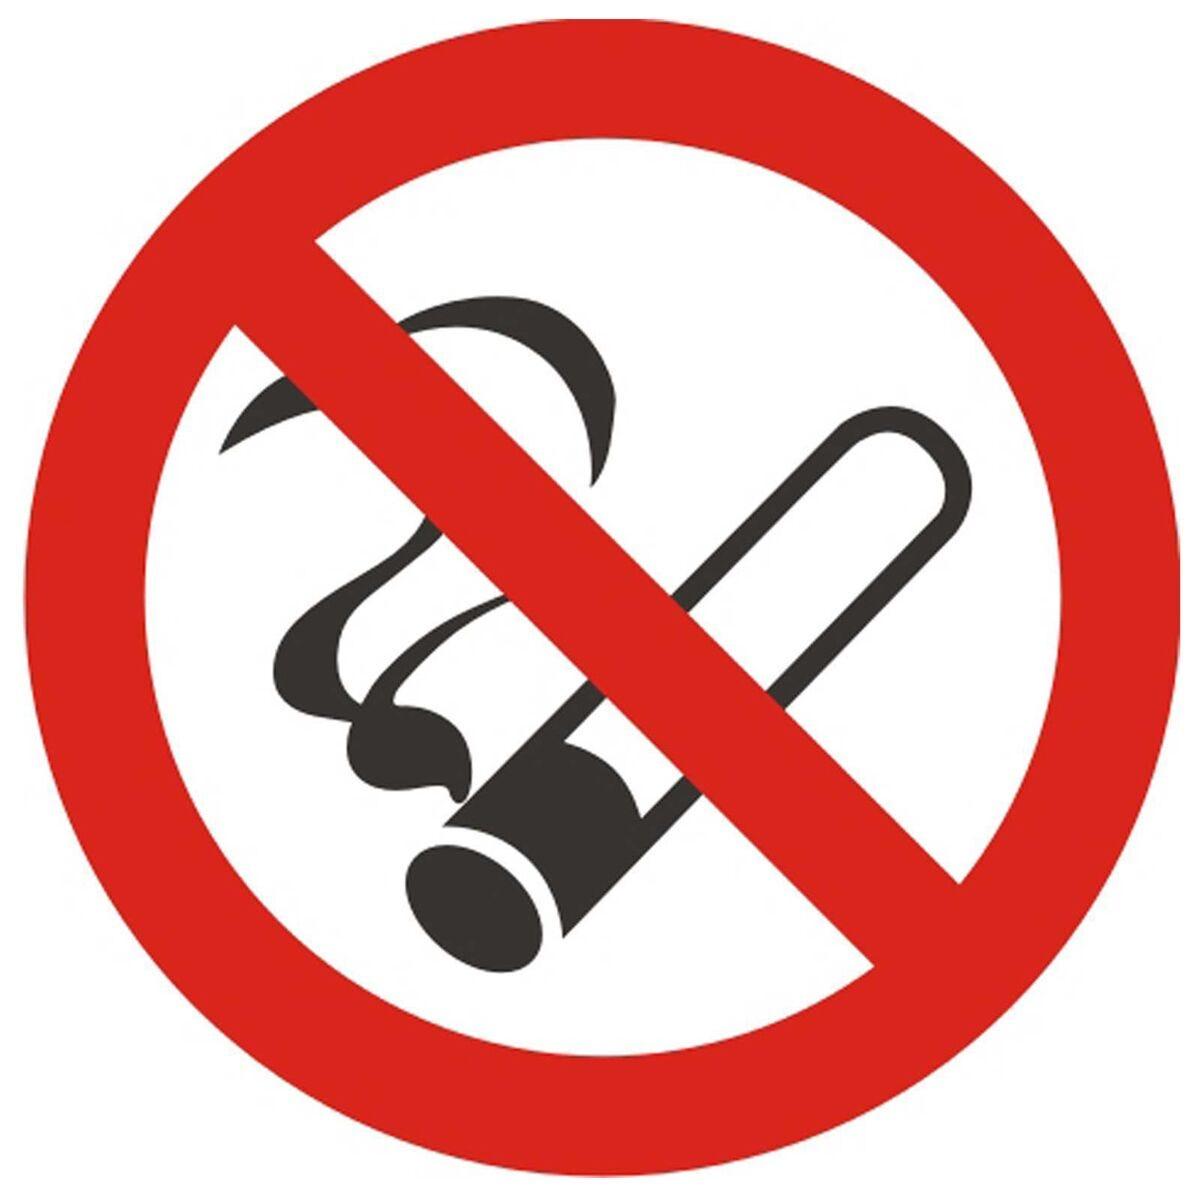 No Smoking Vehicle Sign 90mm Diameter